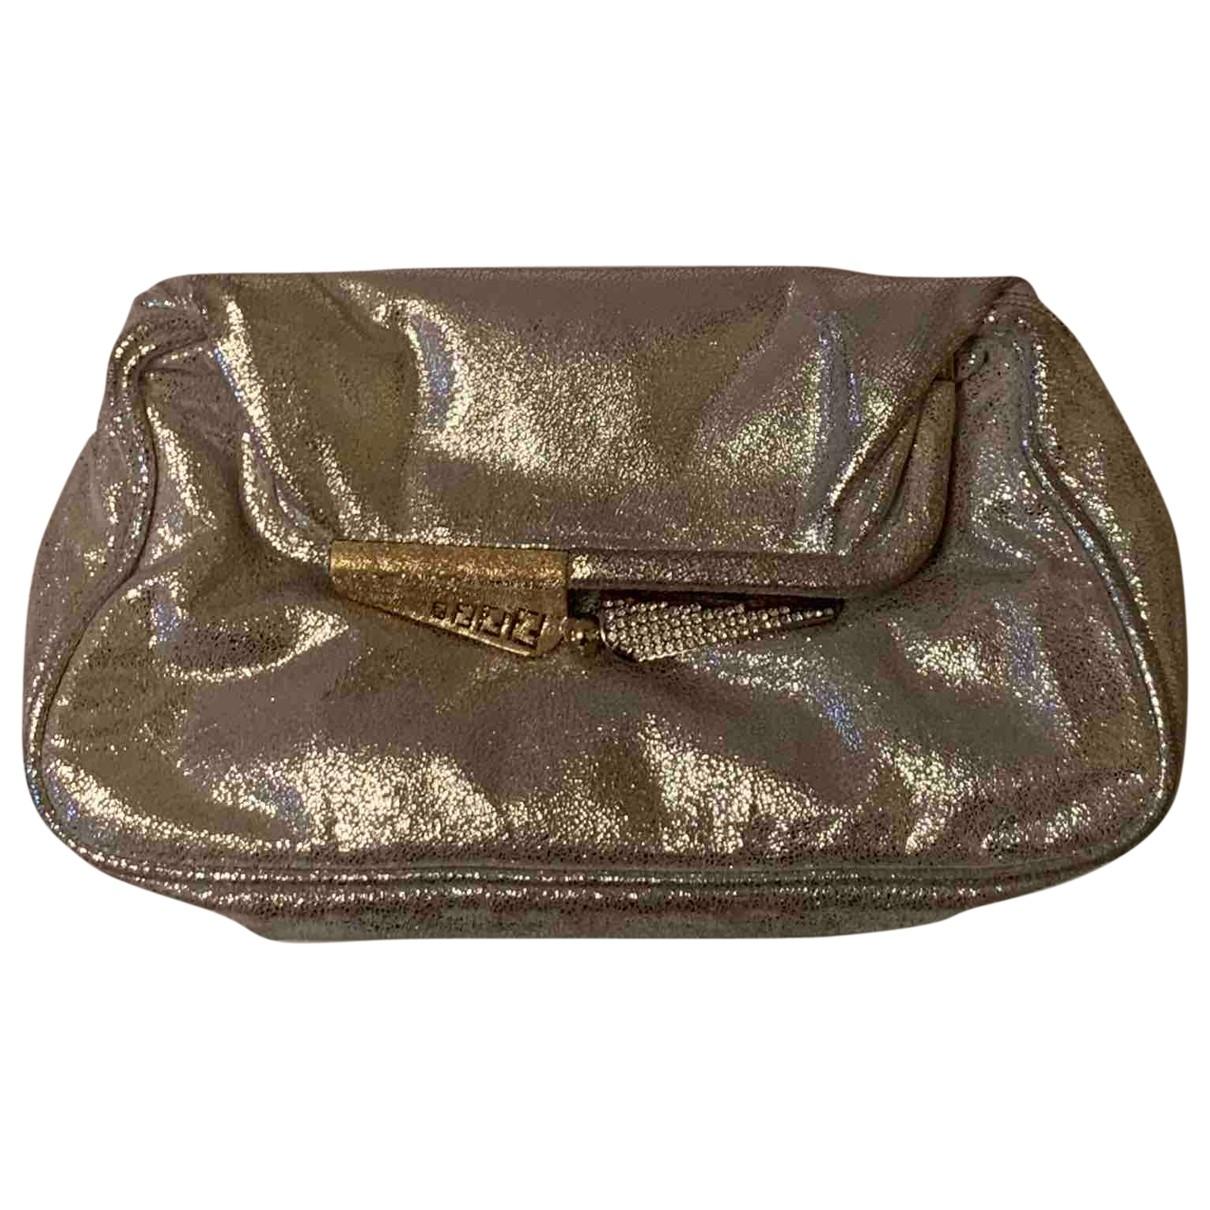 Fendi \N Silver Suede Clutch bag for Women \N